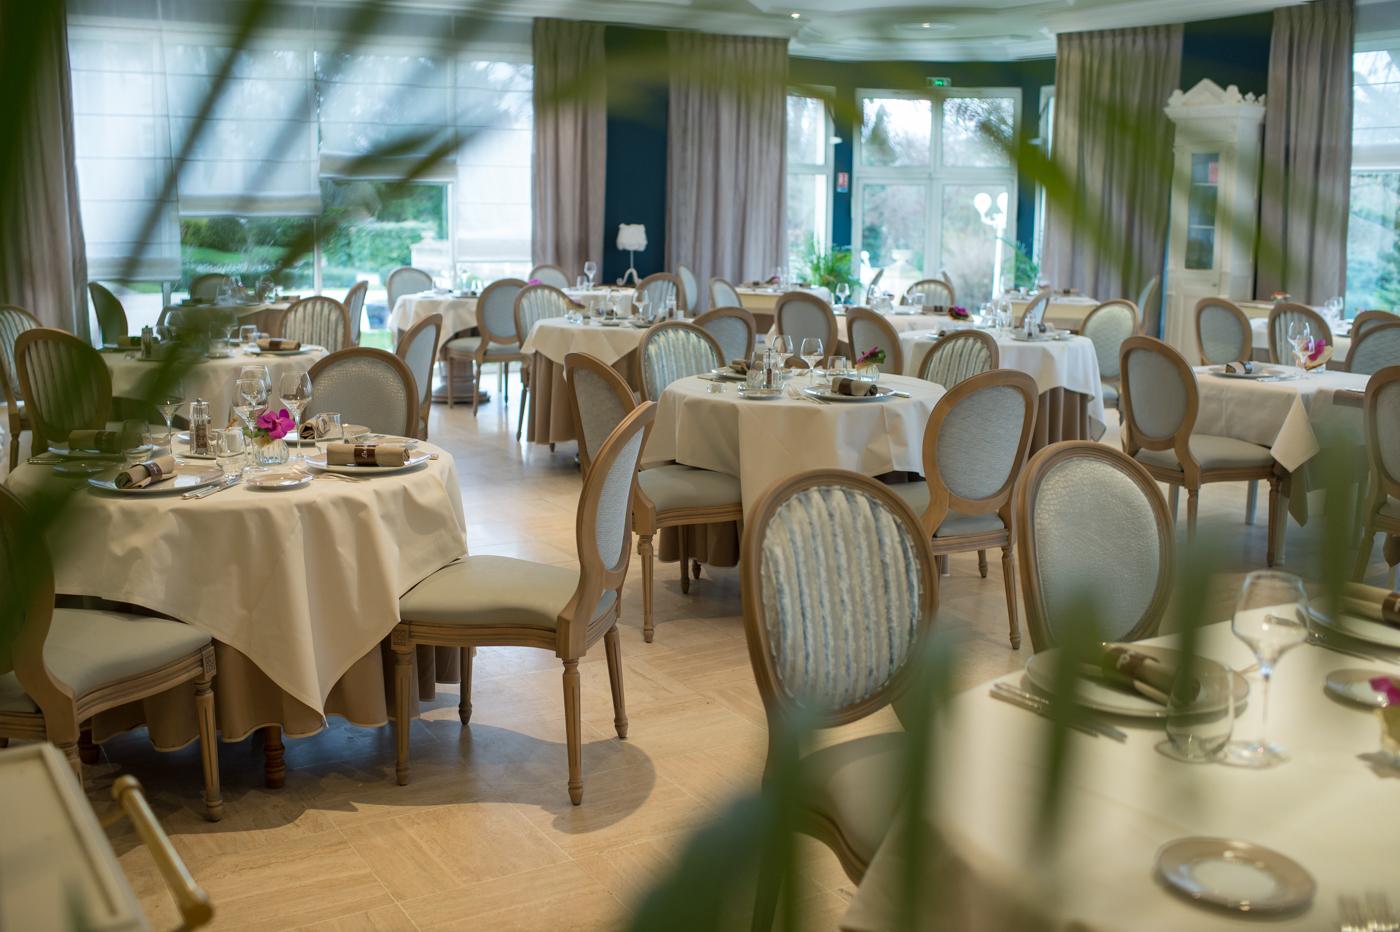 Salle de restaurant du Clos de la Ribaudière - Chasseneuil-du-Poitou